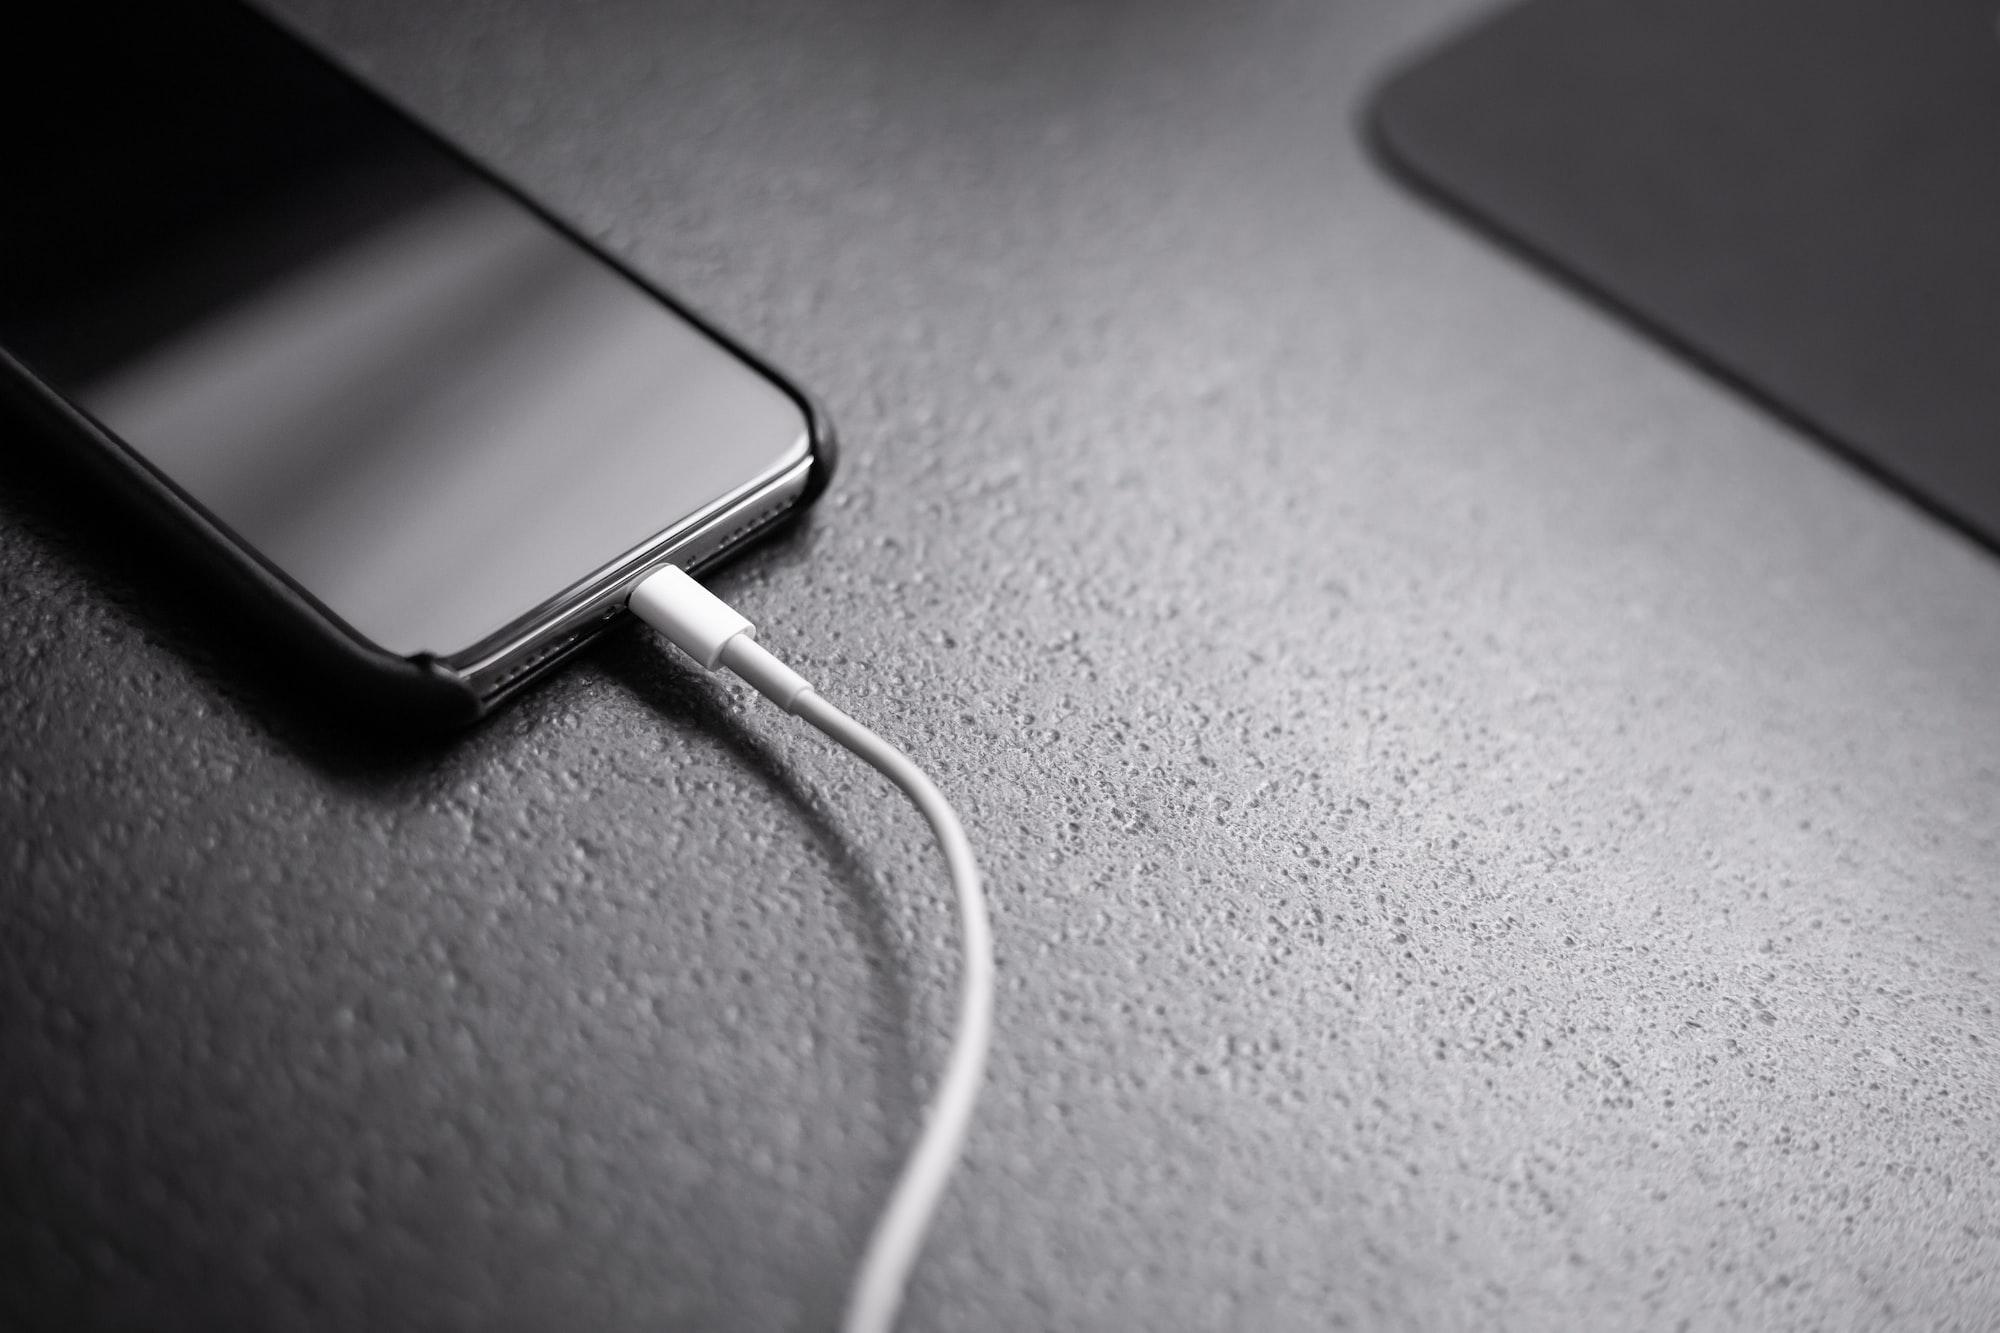 Como o MagSafe matou a possibilidade de USB-C no iPhone